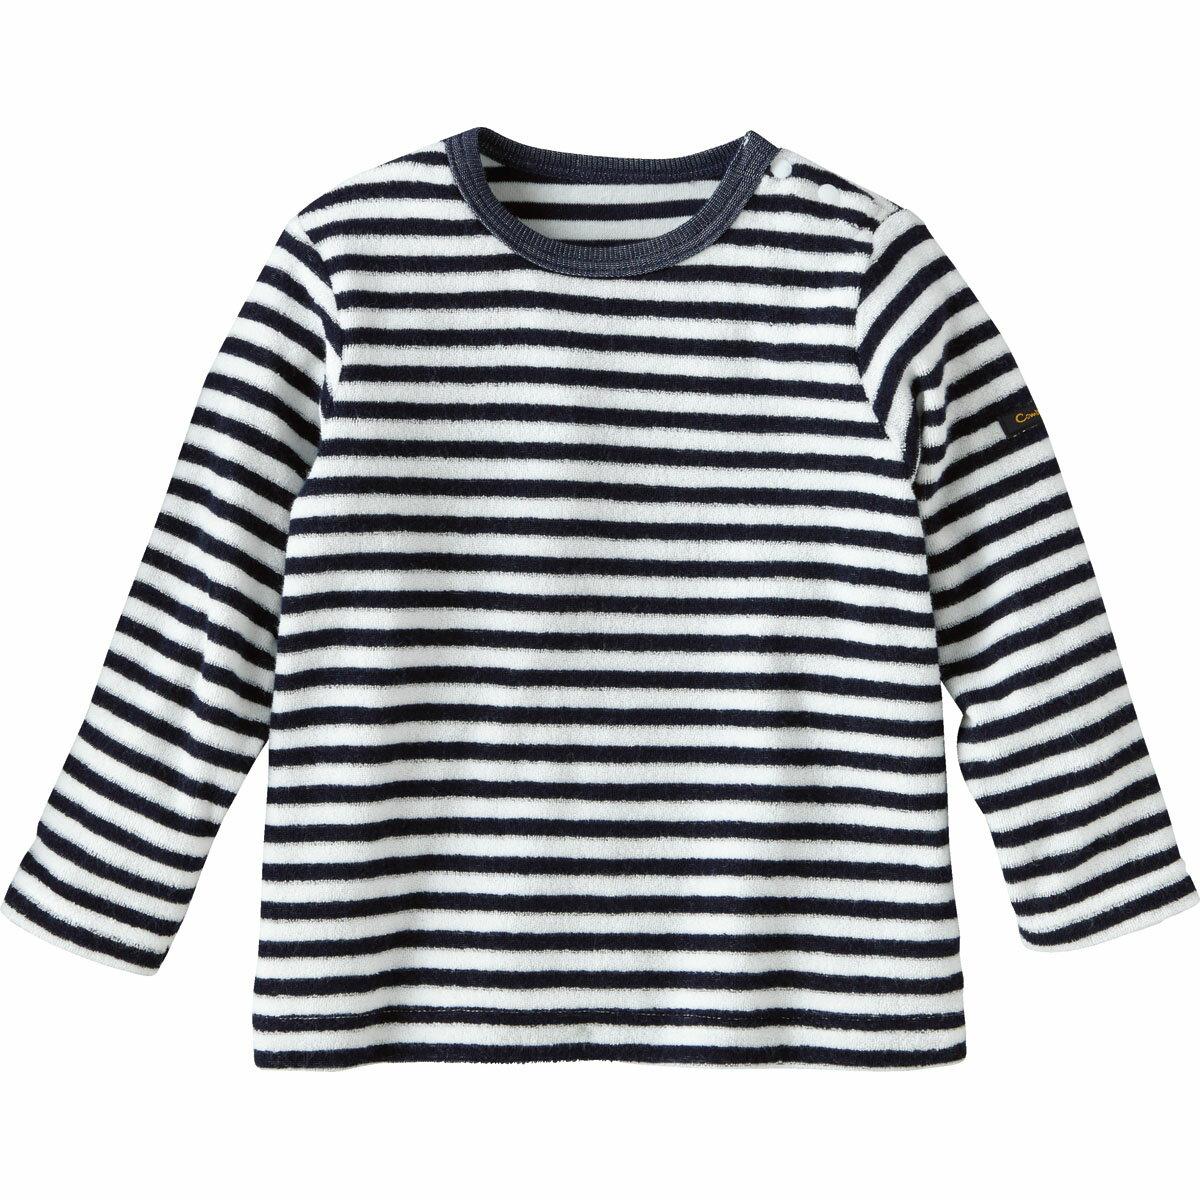 【40%OFF】クールクールパイルボーダーTシャツ{男の子 女の子}《コンビミニ》ギフト ベビー服 子供服 Combi miniクールクールパイルボーダーTシャツ